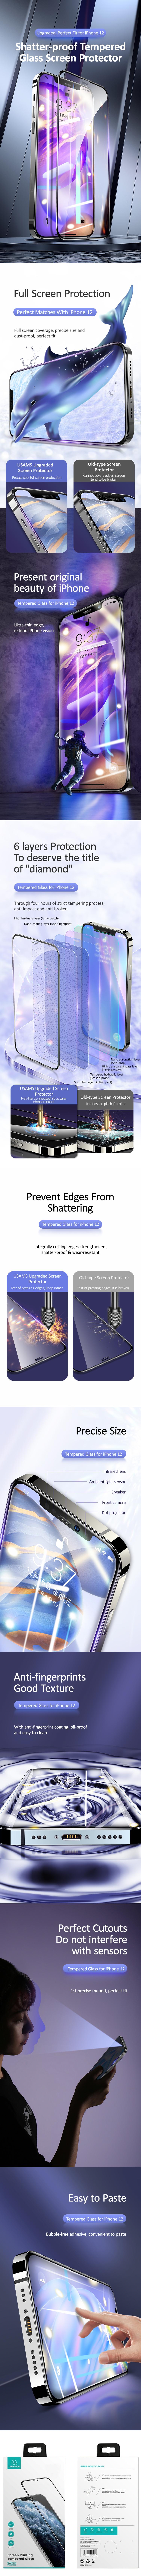 خرید اینترنتی محافظ صفحه نمایش یوسمز مدل BH638M01 مناسب برای گوشی موبایل آیفون 12 پرو مکس، مشاهده و بررسی لوازم جانبی سایر برندها از فروشگاه آنلاین دکتر جانبی